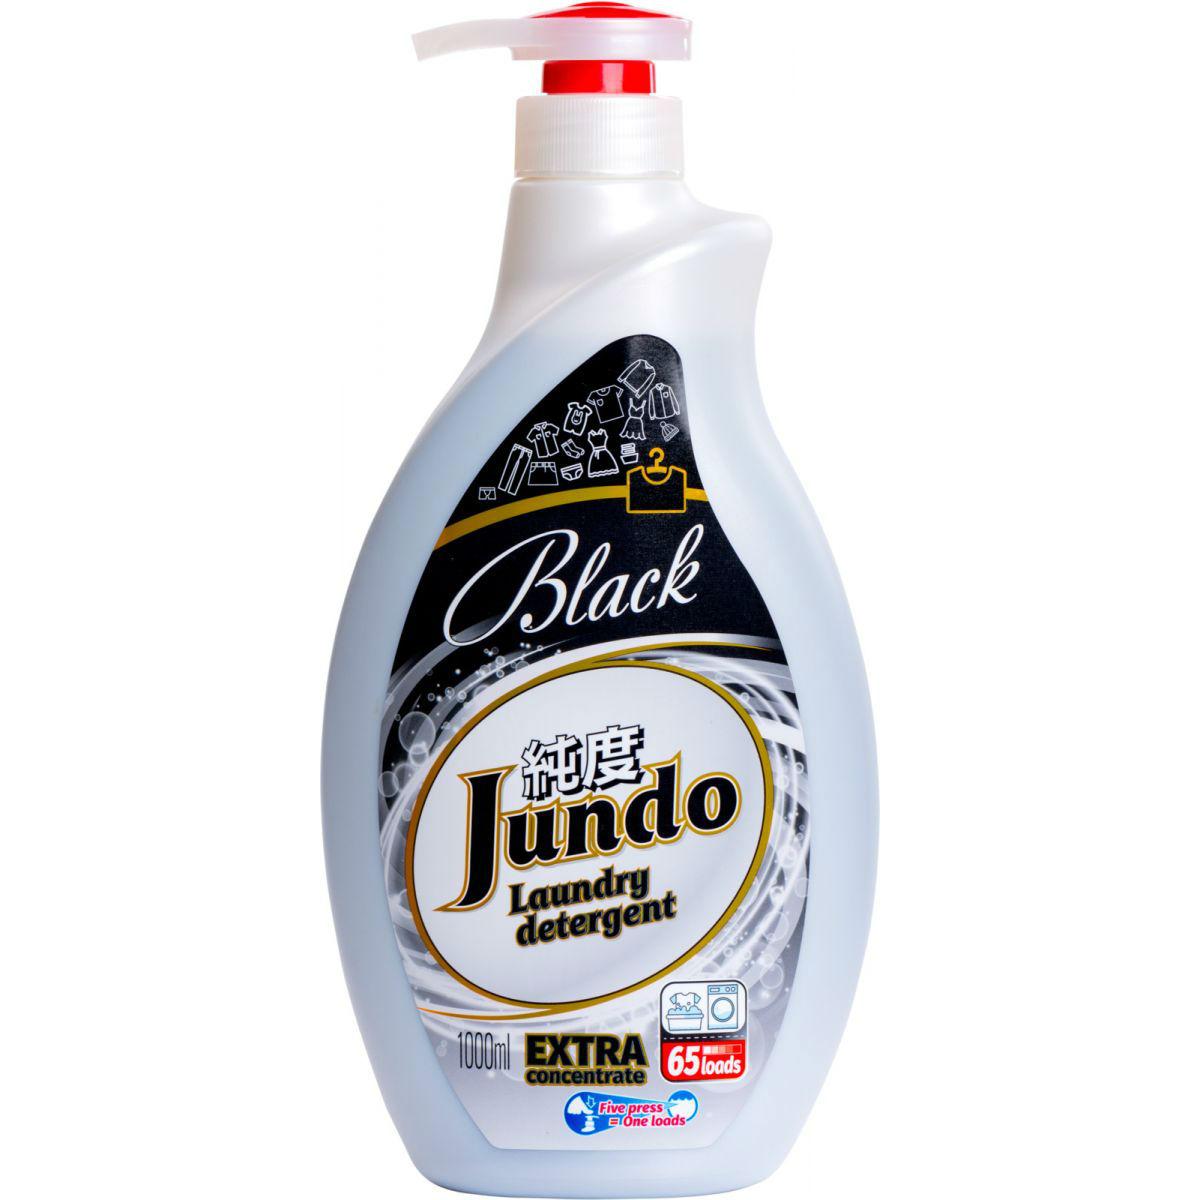 Купить Гель для стирки Jundo Black 1 л, жидкое средство для стирки, Россия